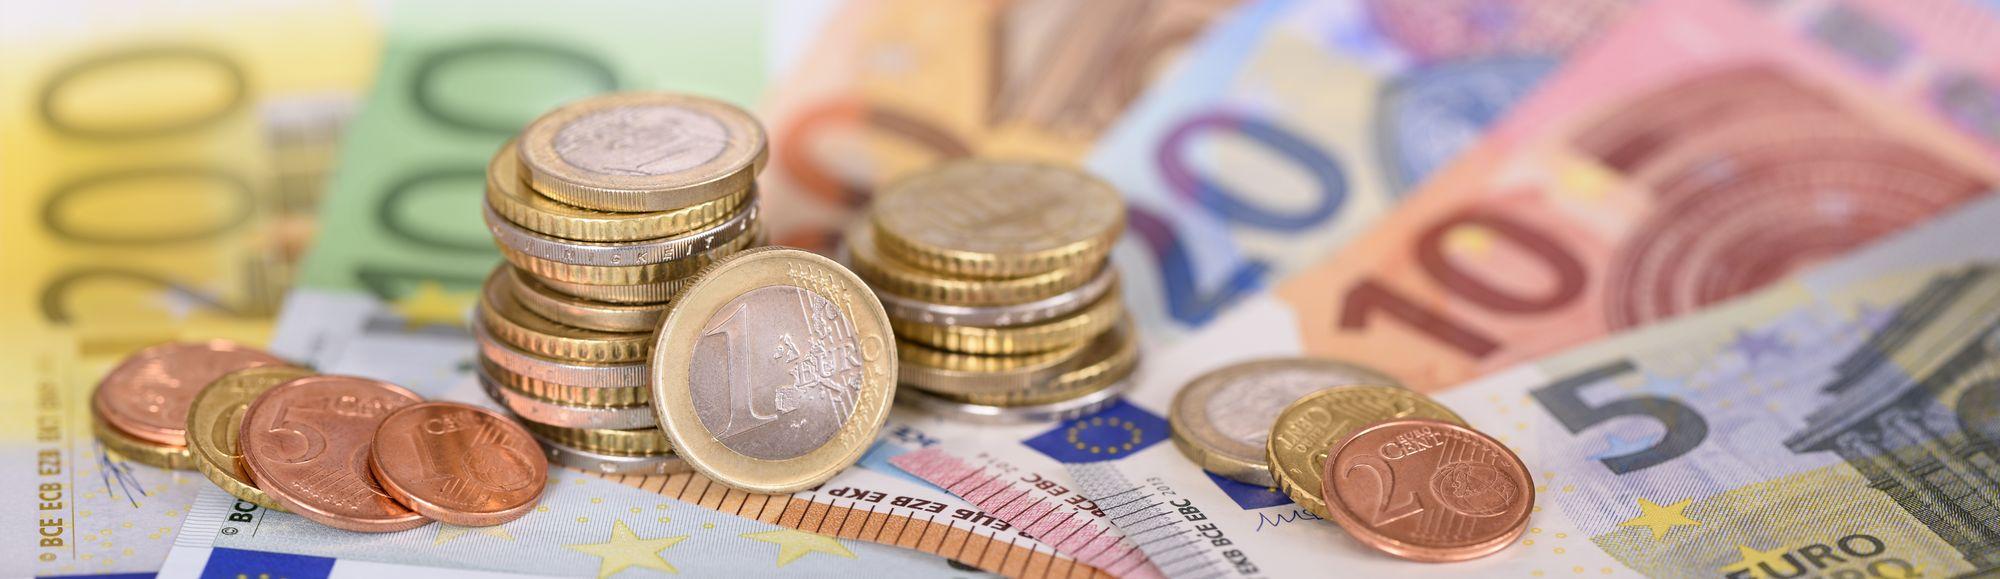 Panorama von Euro Banknoten und Münzen Geld.jpeg